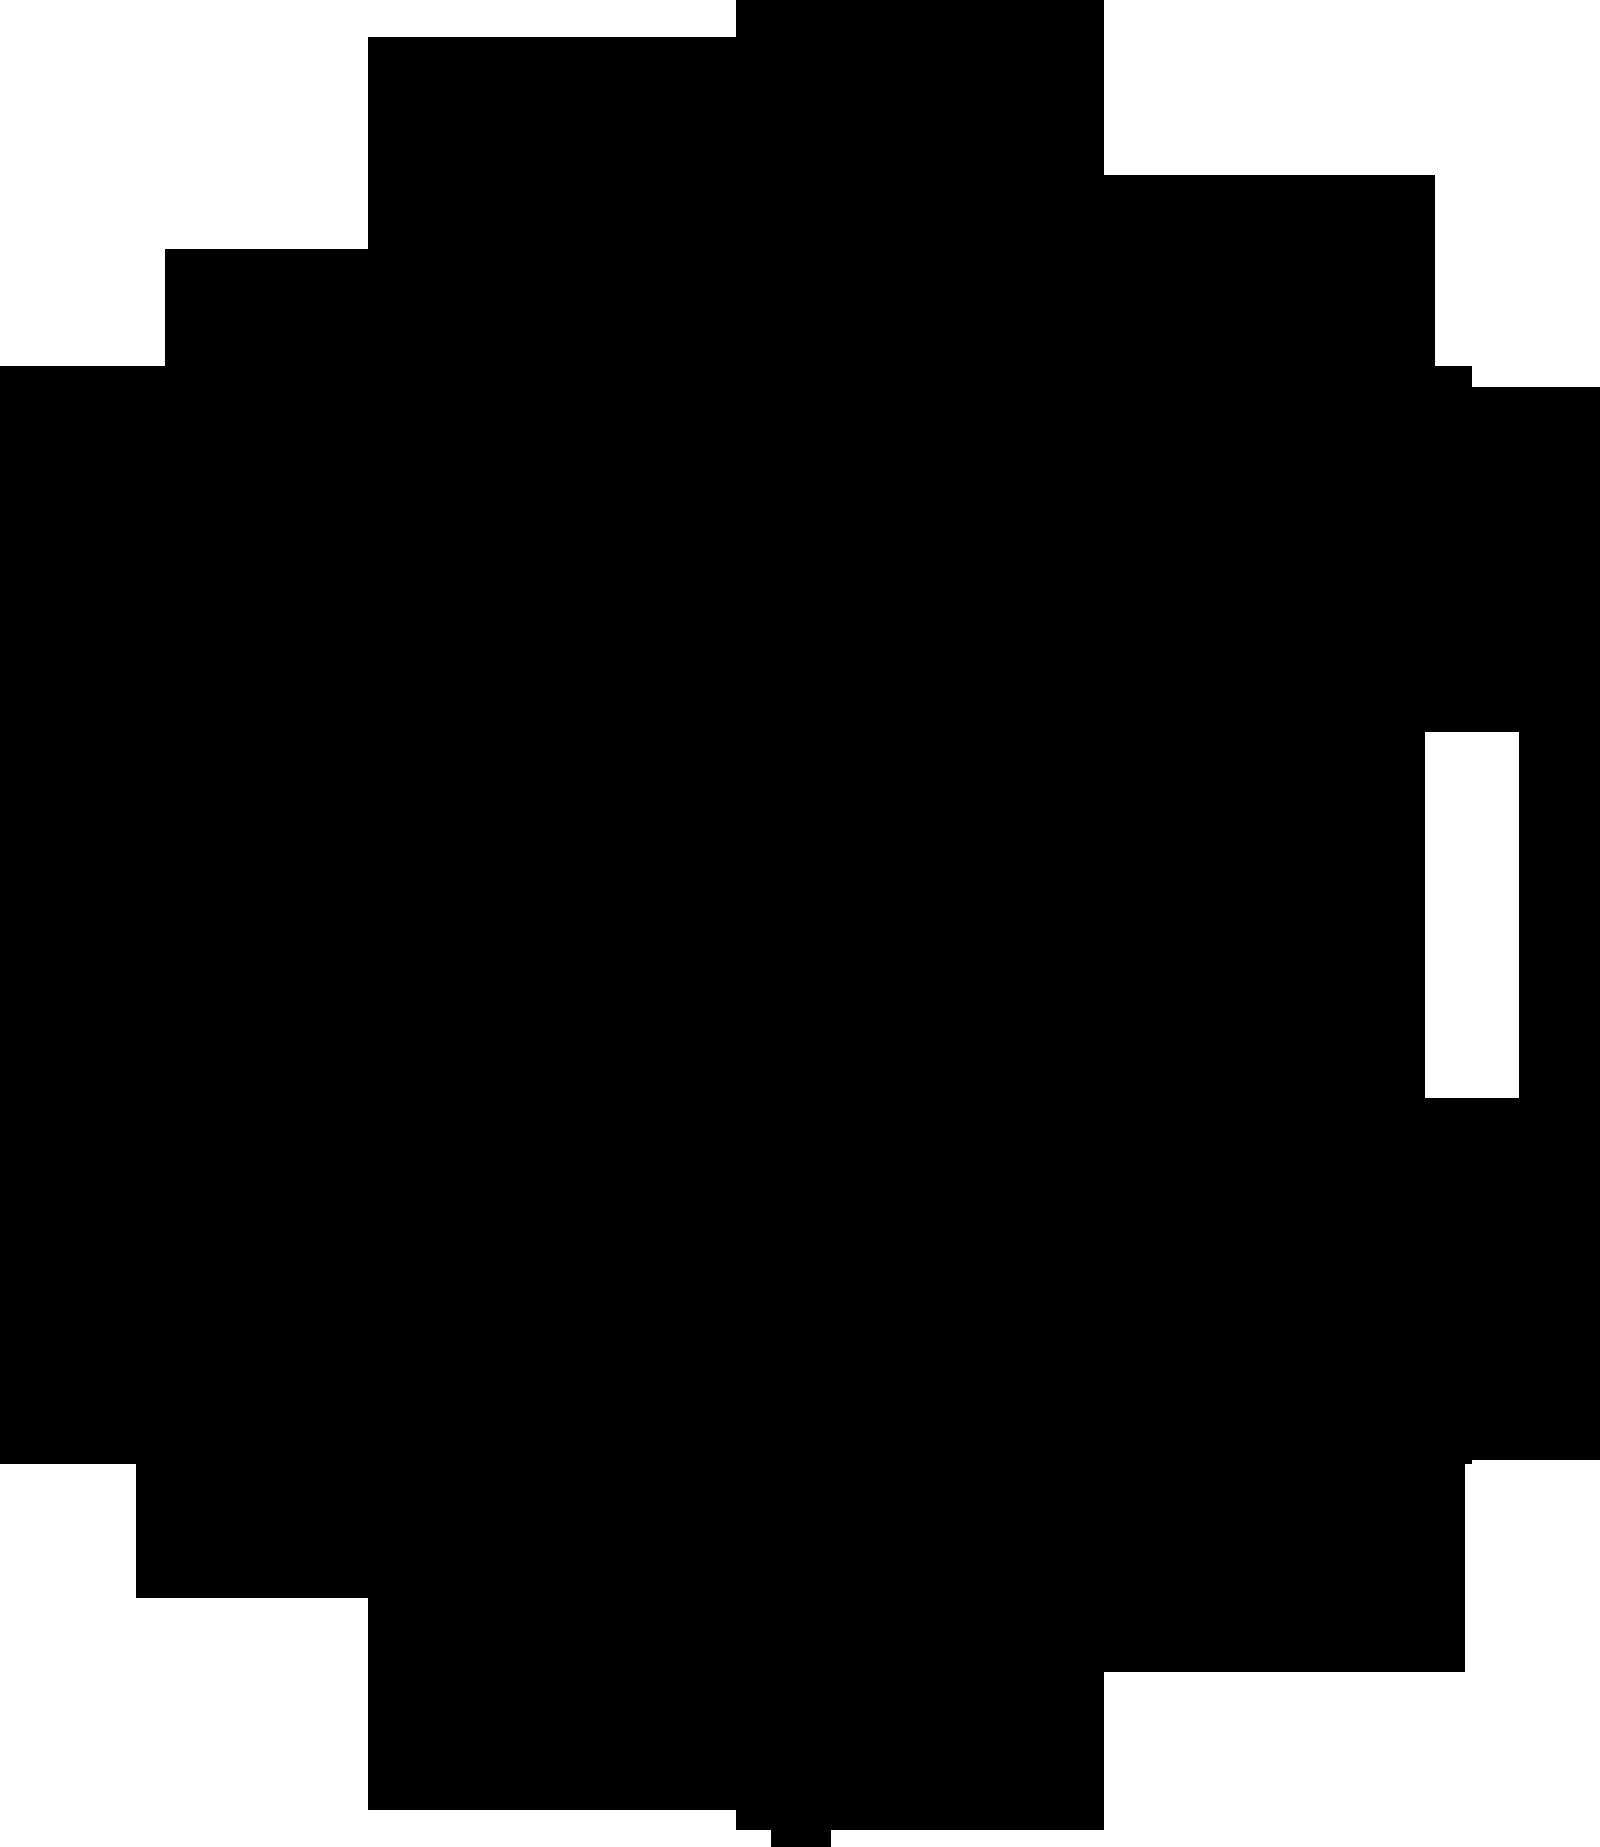 Sith empire logo google. Starwars clipart stencil